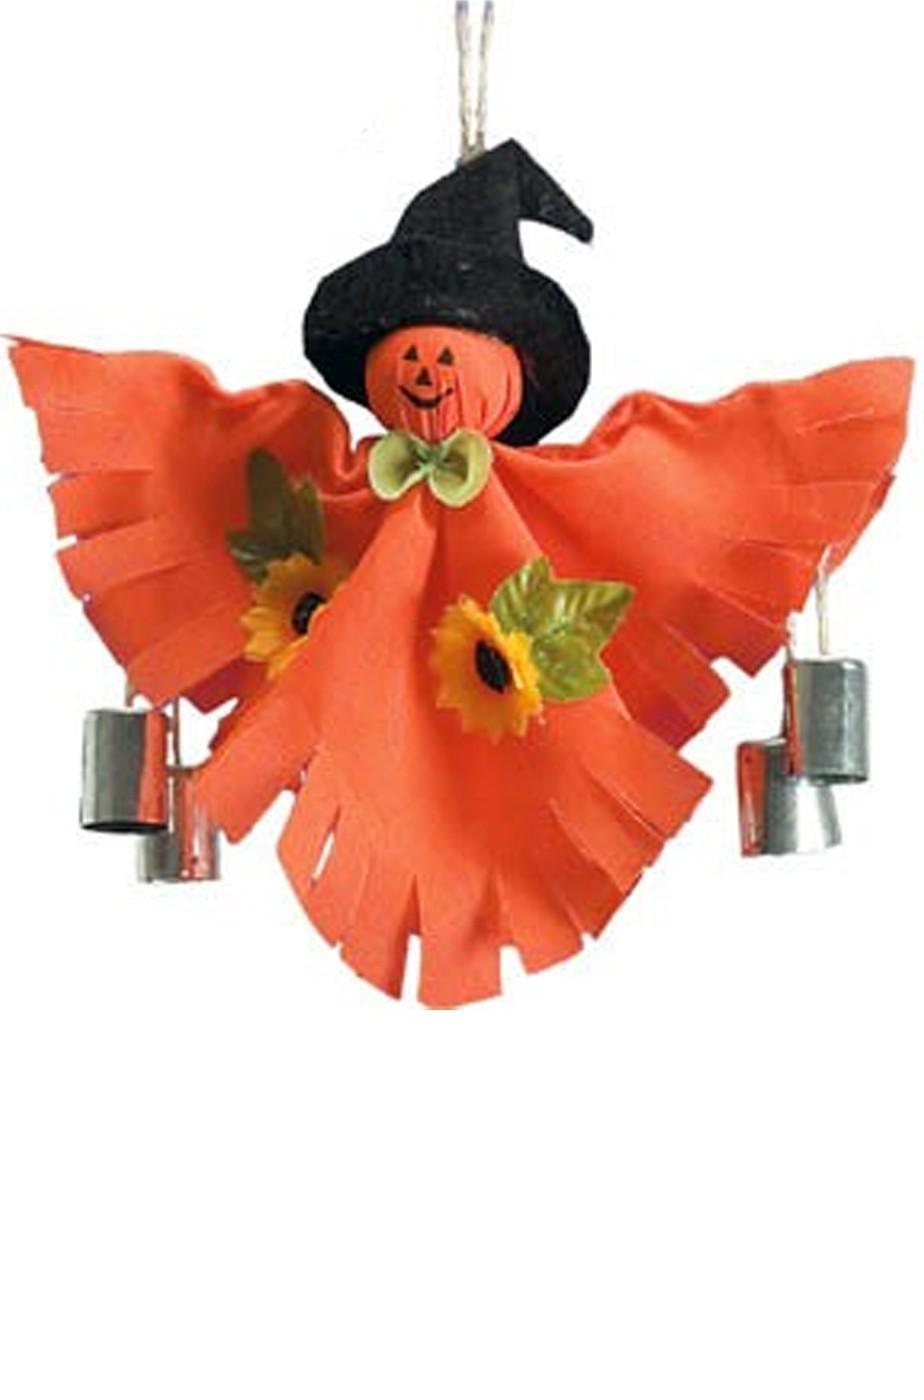 Allestimento Halloween decorazione zucca con sonagli da appendere cm 30